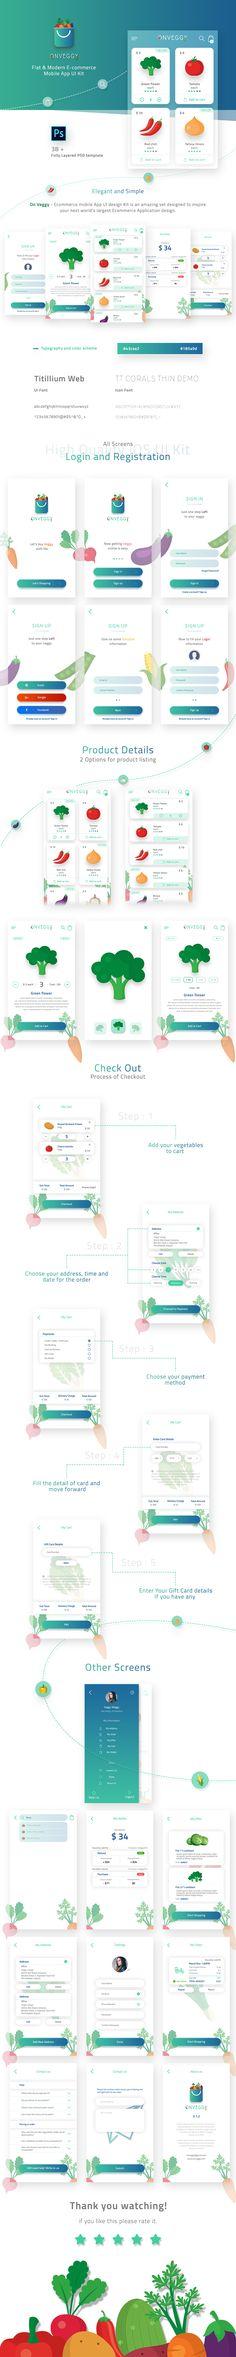 On Veggy - Multipurpose E-commerce App UI Kit on Behance